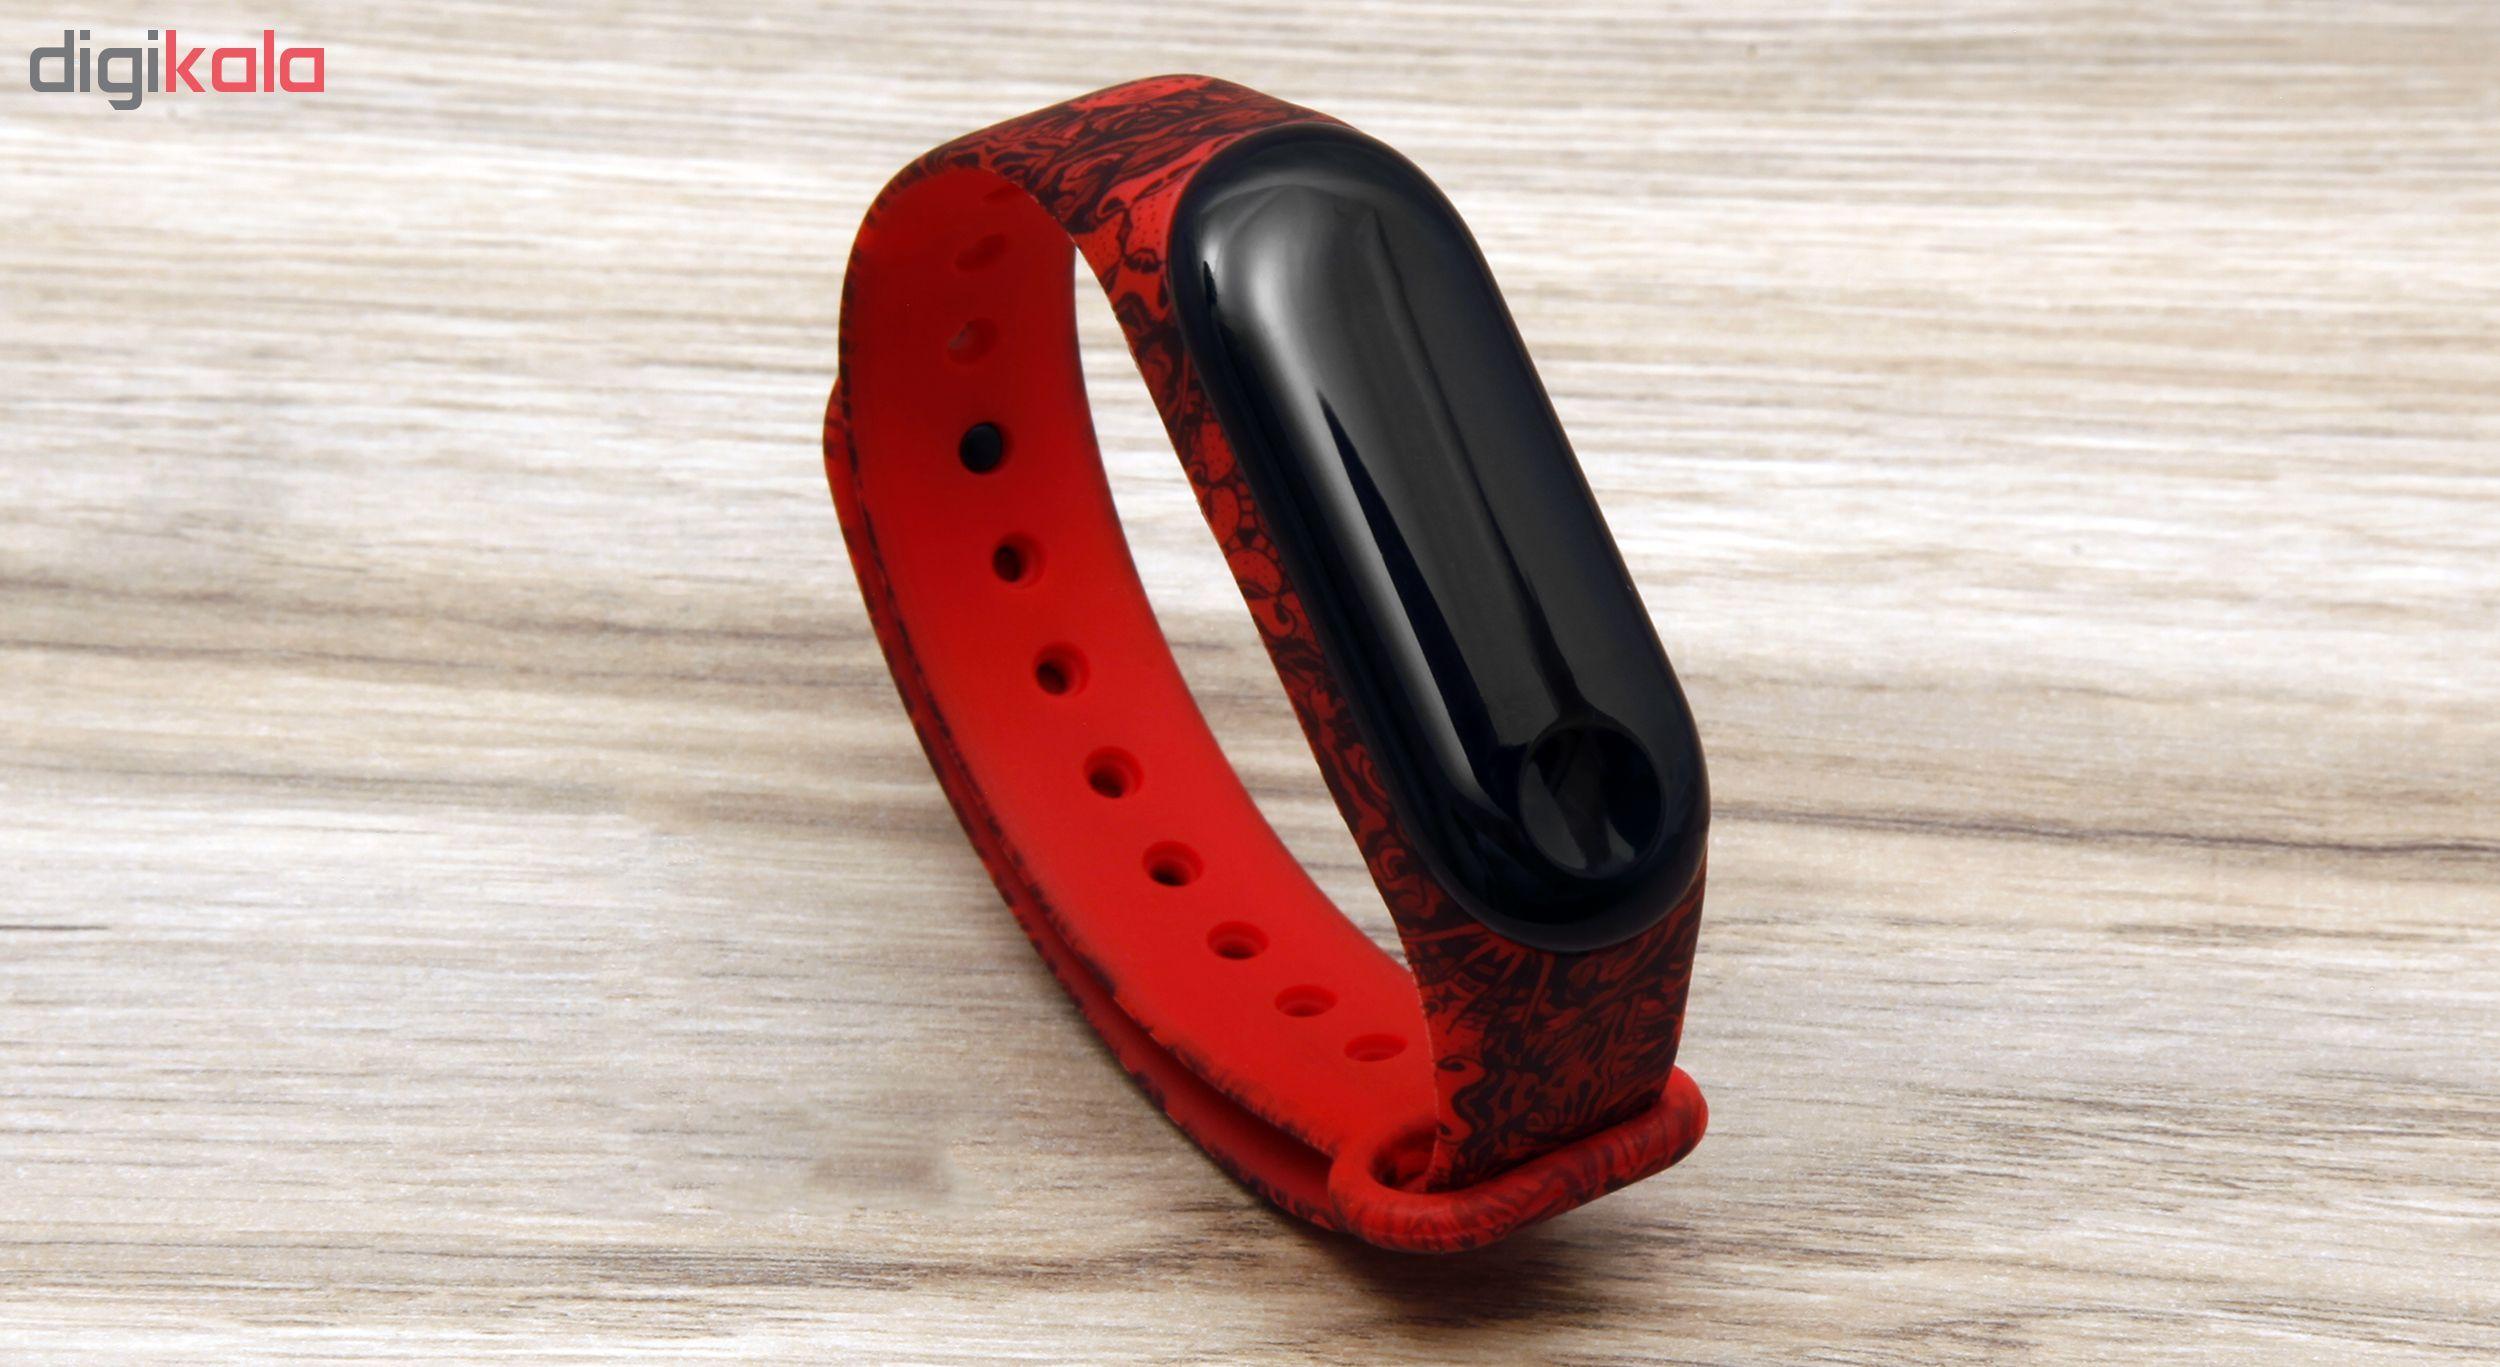 بند مچ بند هوشمند سومگ مدل  SMG-4 مناسب برای مچ بند هوشمند شیائومی Mi Band 3 و M3 main 1 4